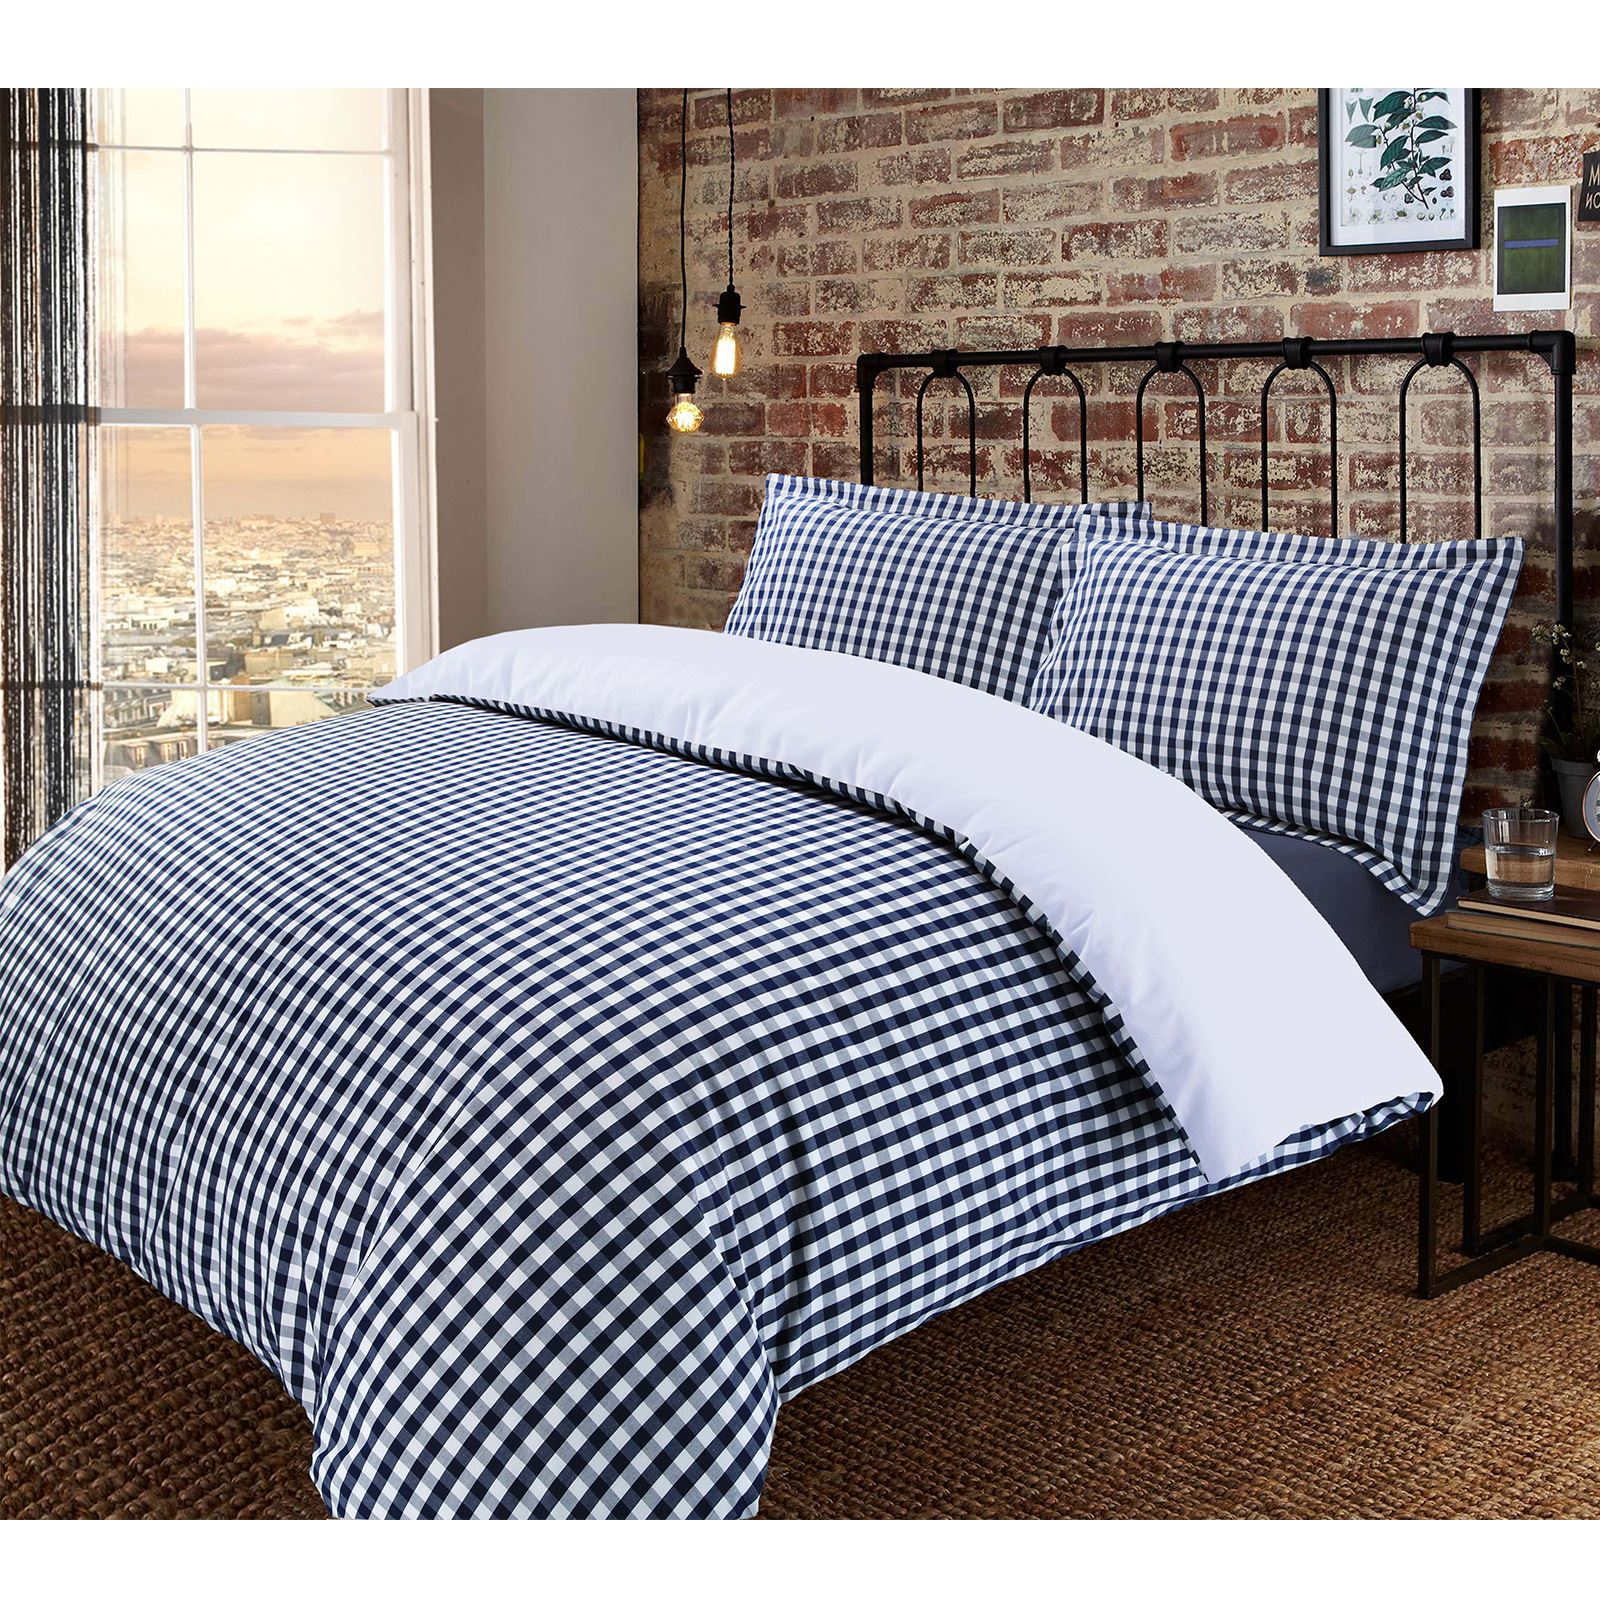 De-Lujo-Gingham-Check-Reversible-100-algodon-T200-conjunto-de-edredon-cubierta-y-fundas-de-almohada miniatura 5